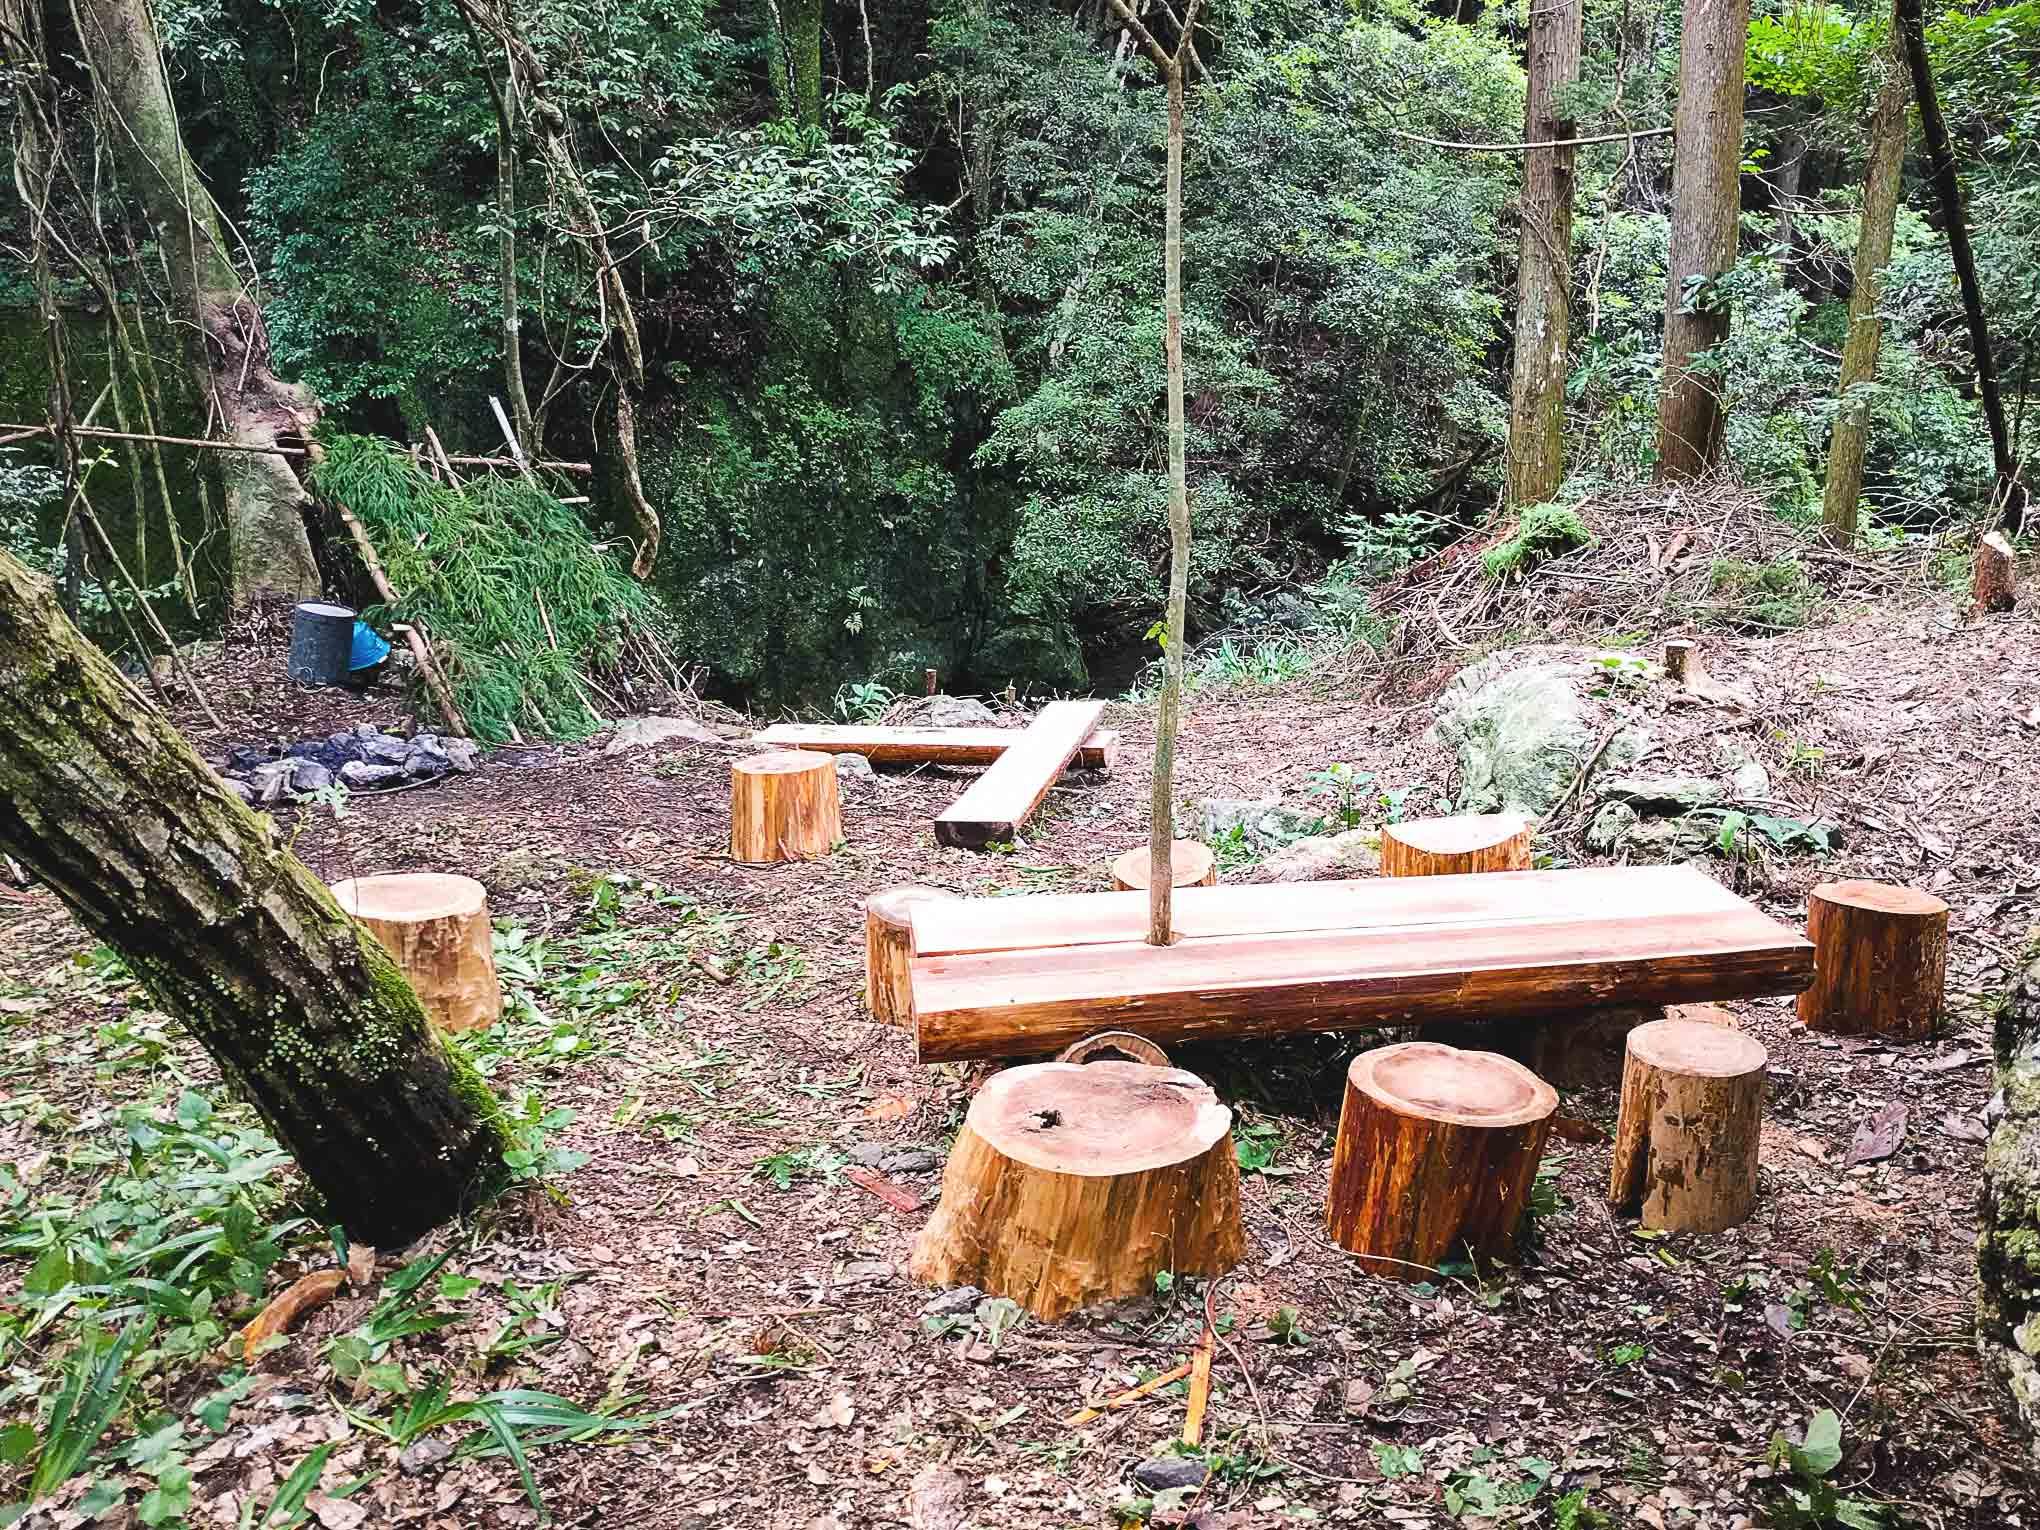 【曲げわっぱ工房の庭の森のこと】杉の丸太でステキなテーブルと椅子を作ってもらって夢みたいな光景が広がった話し